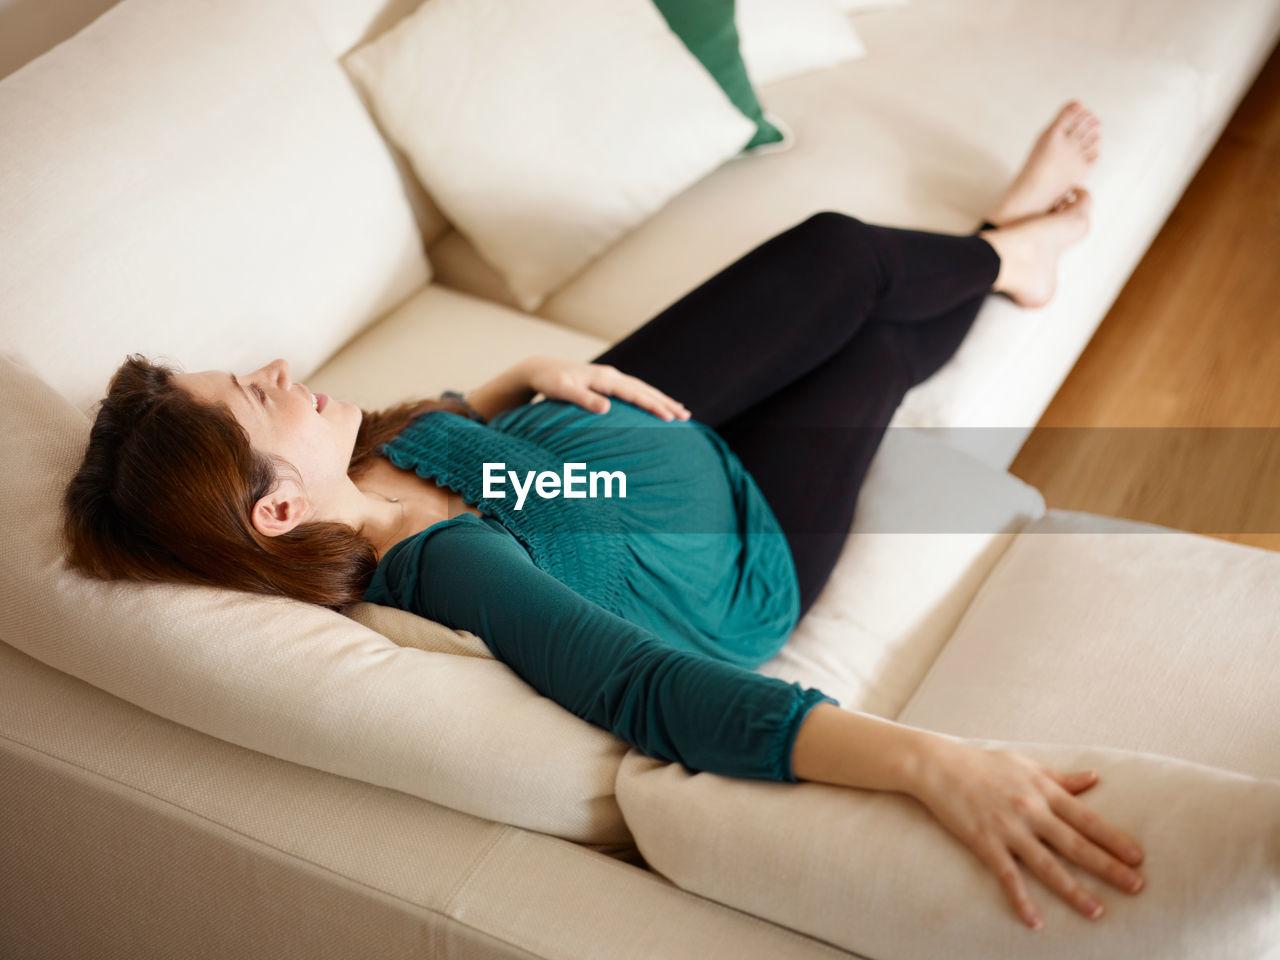 HIGH ANGLE VIEW OF WOMAN LYING DOWN ON SOFA